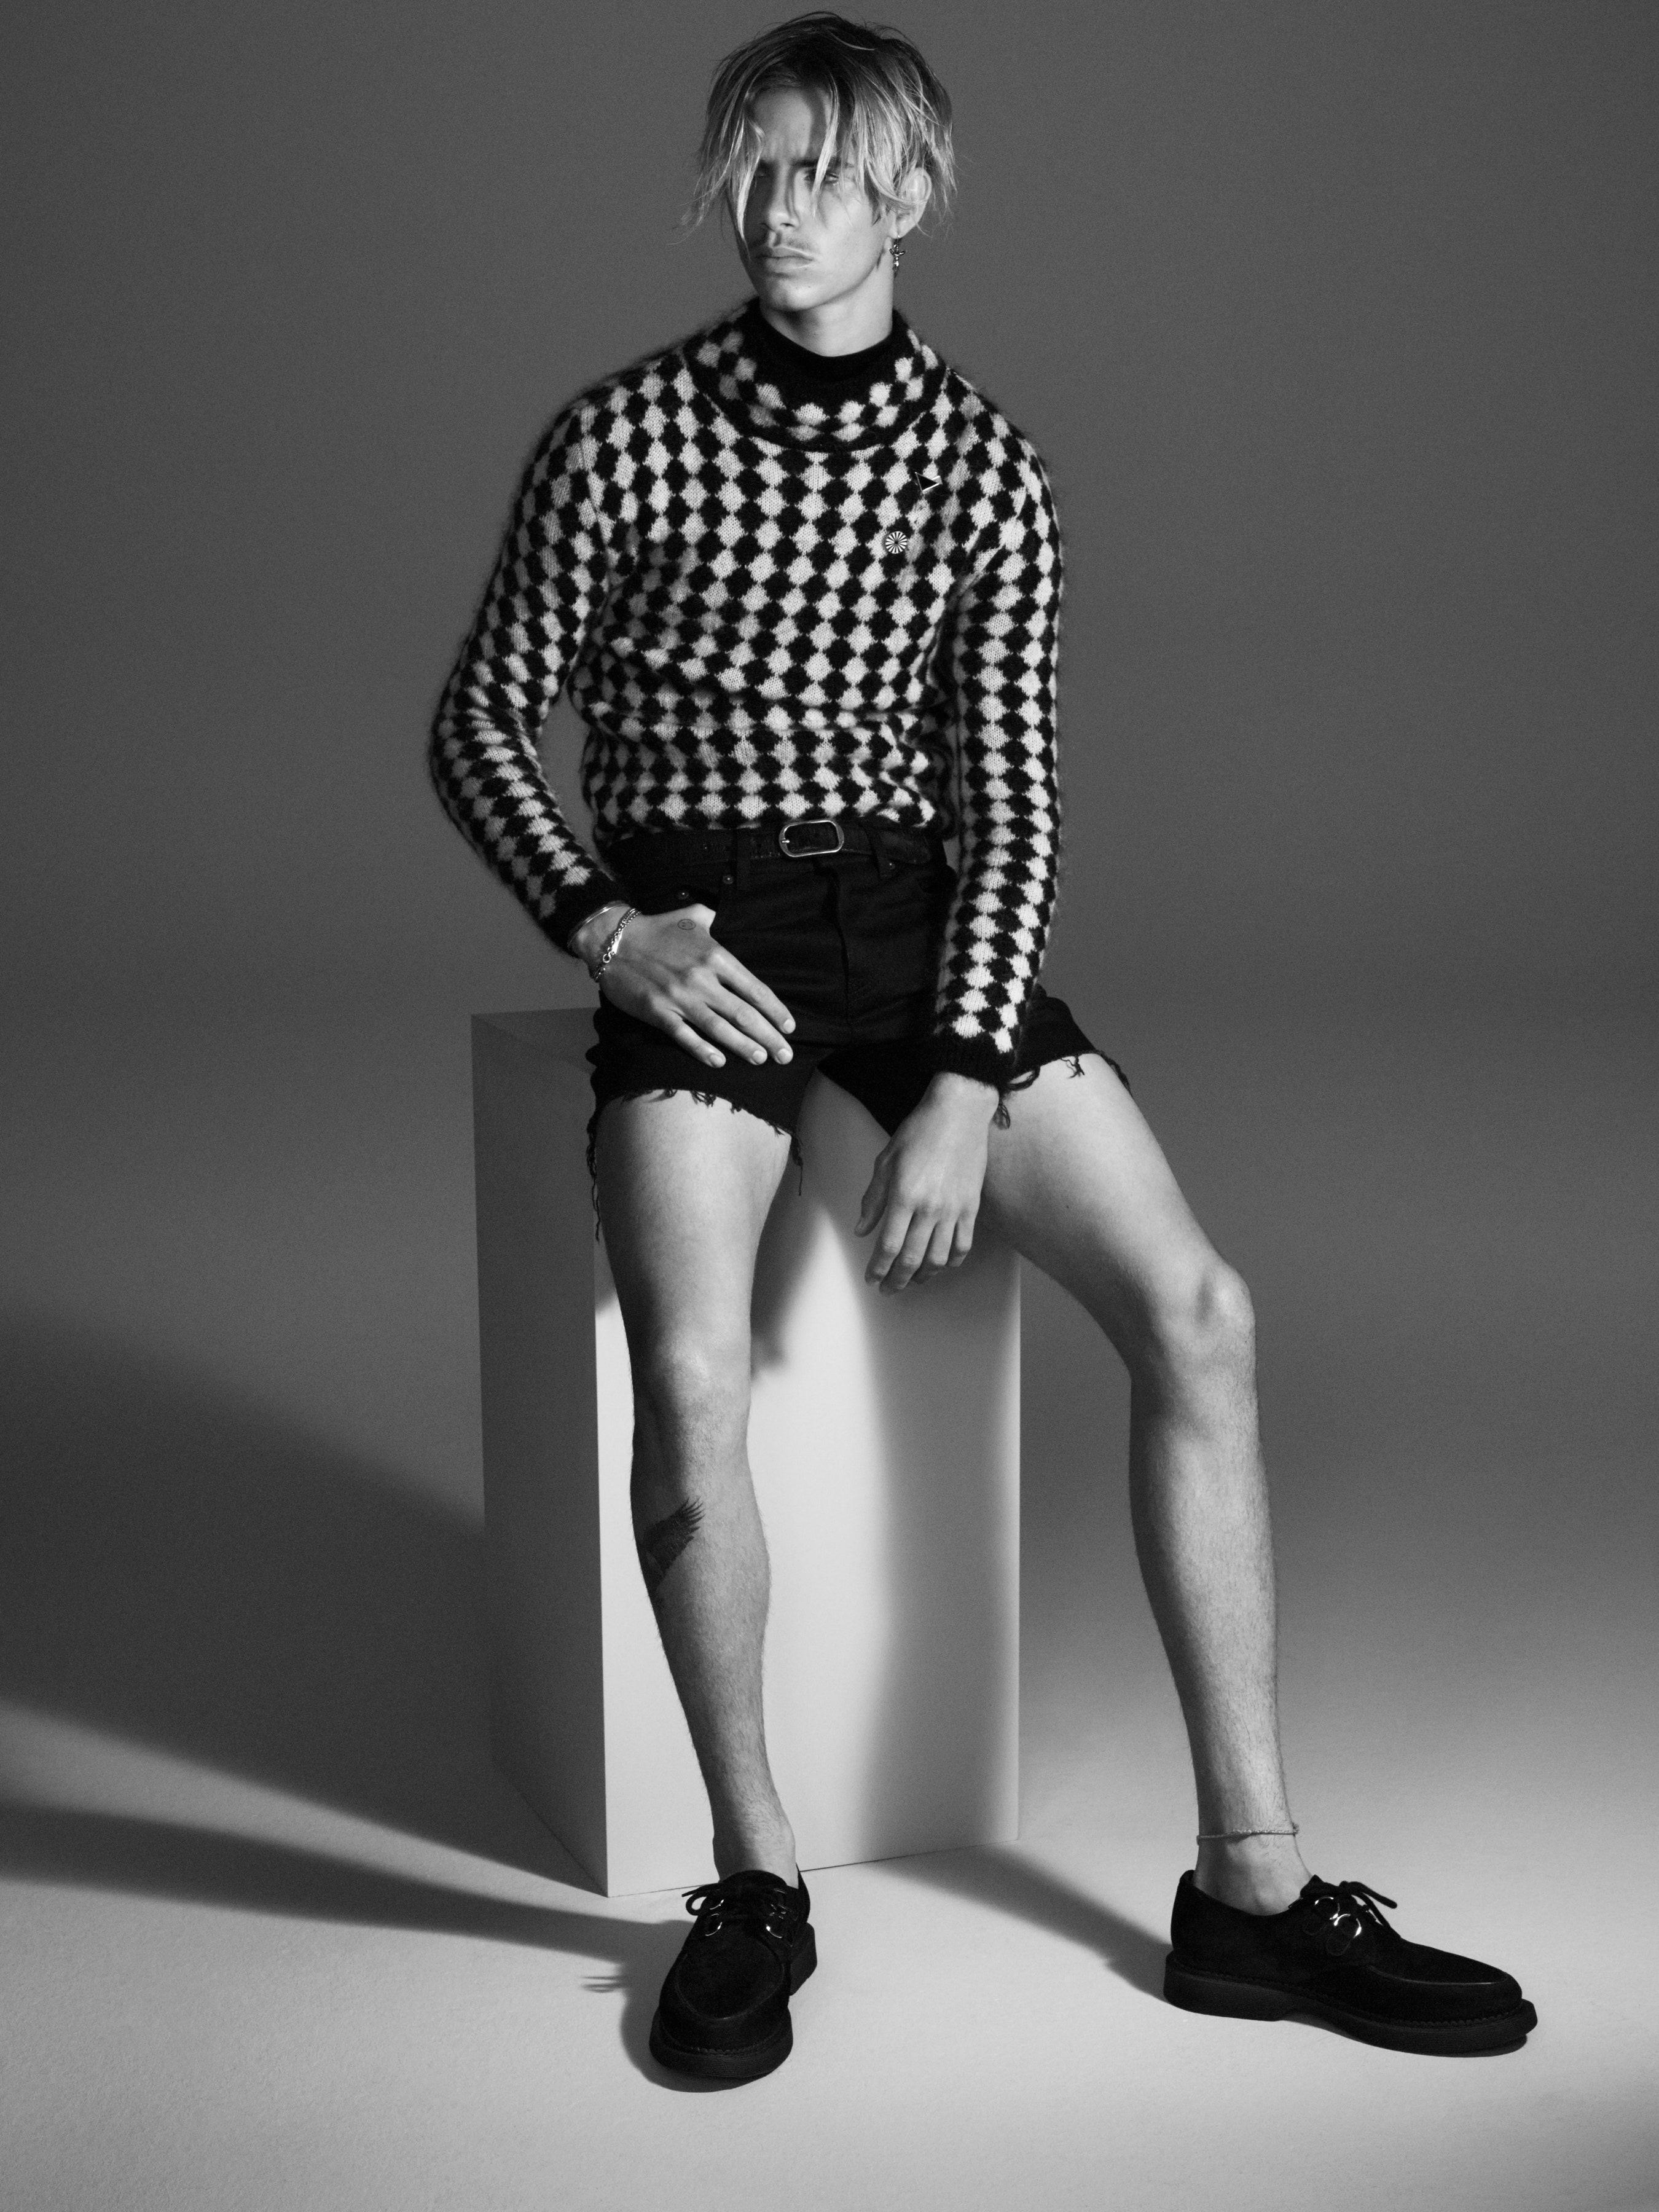 Romeo Beckham volto della nuova campagna Saint Laurent